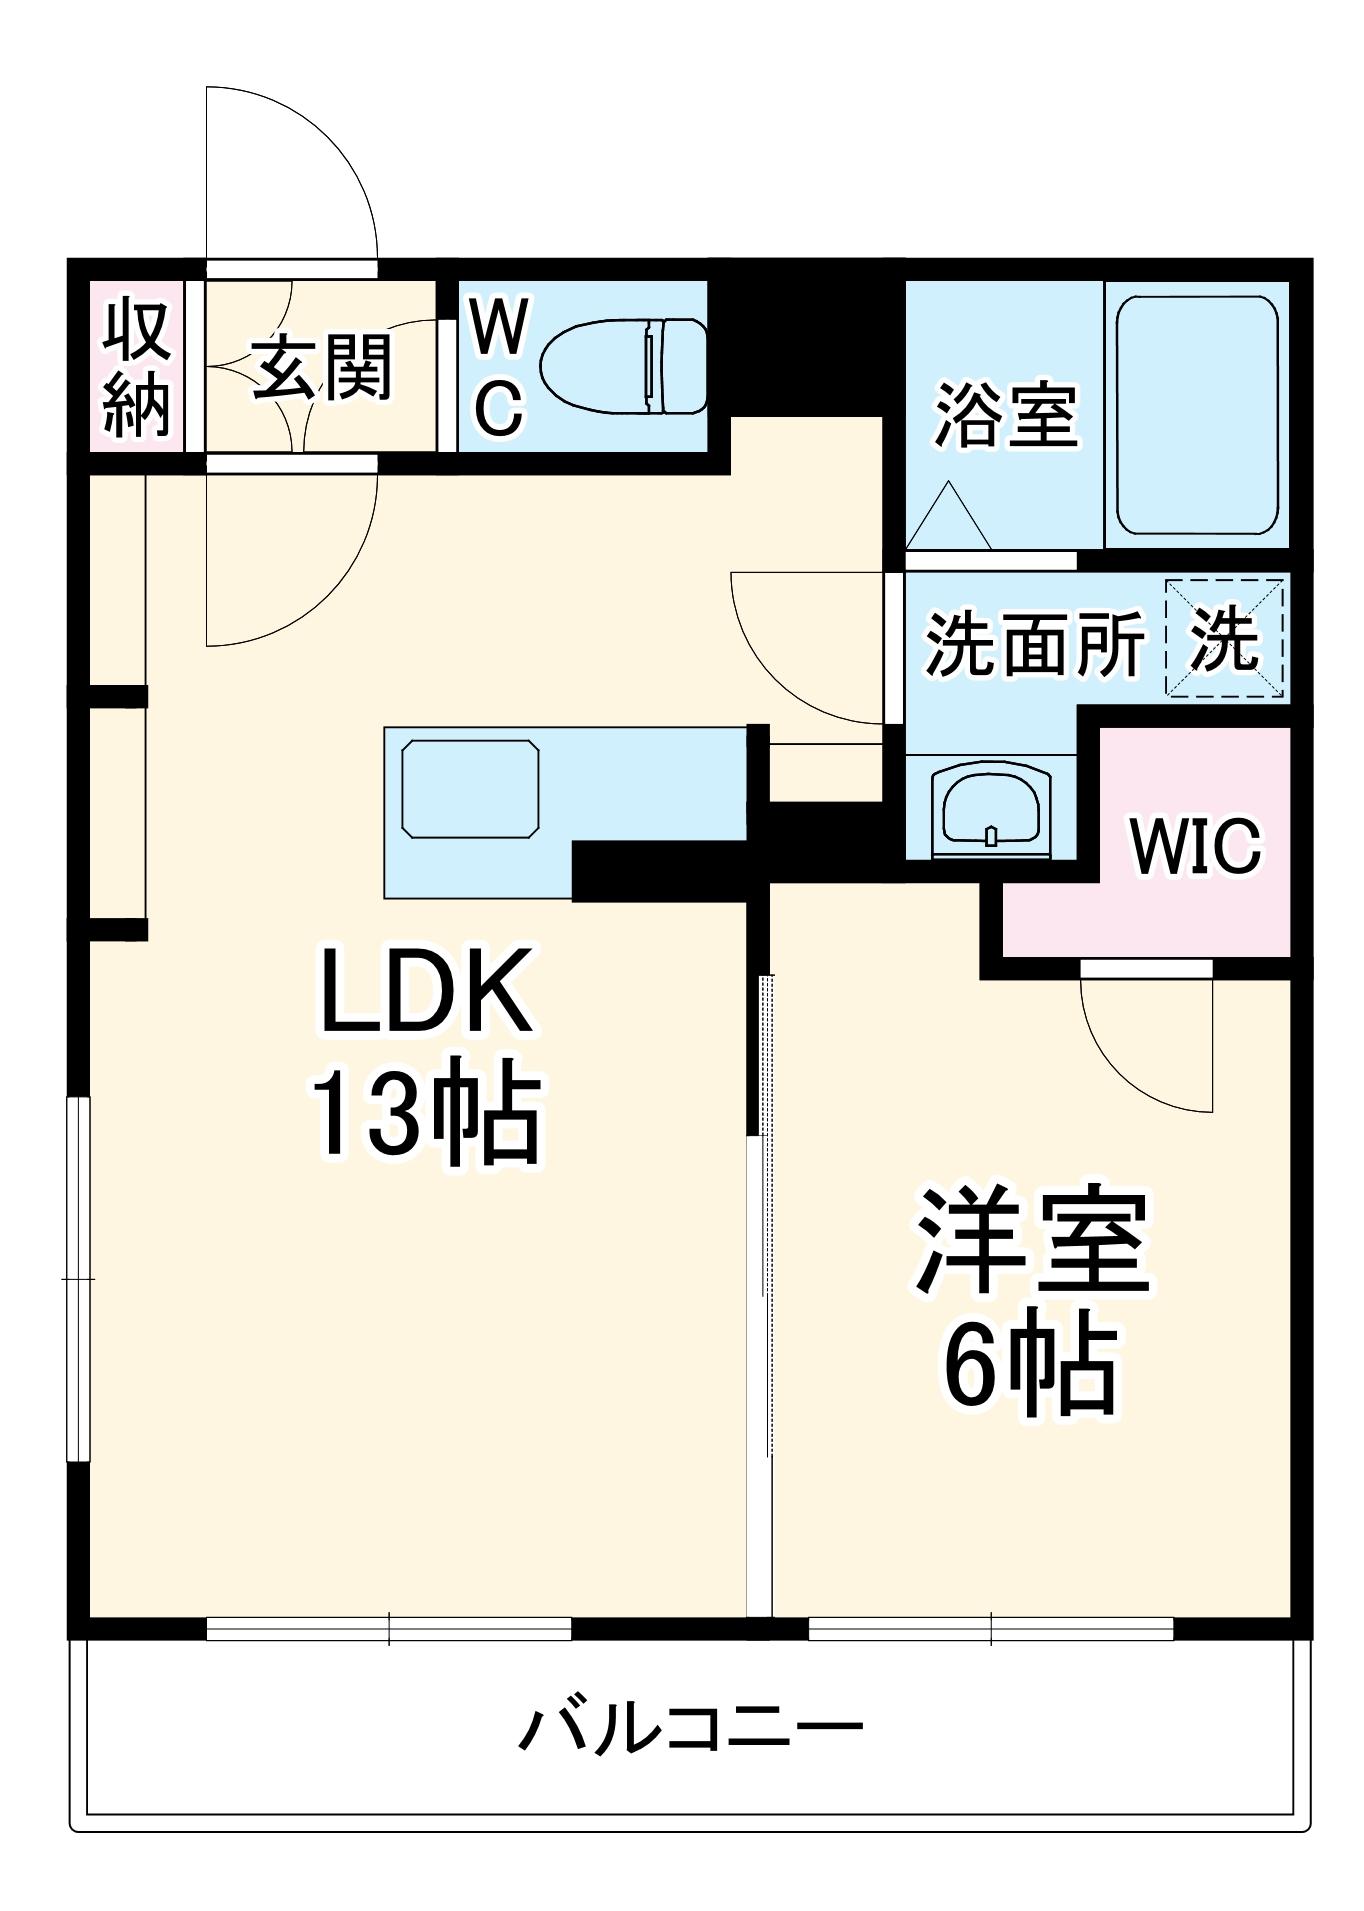 レナトゥス松城 405号室の間取り